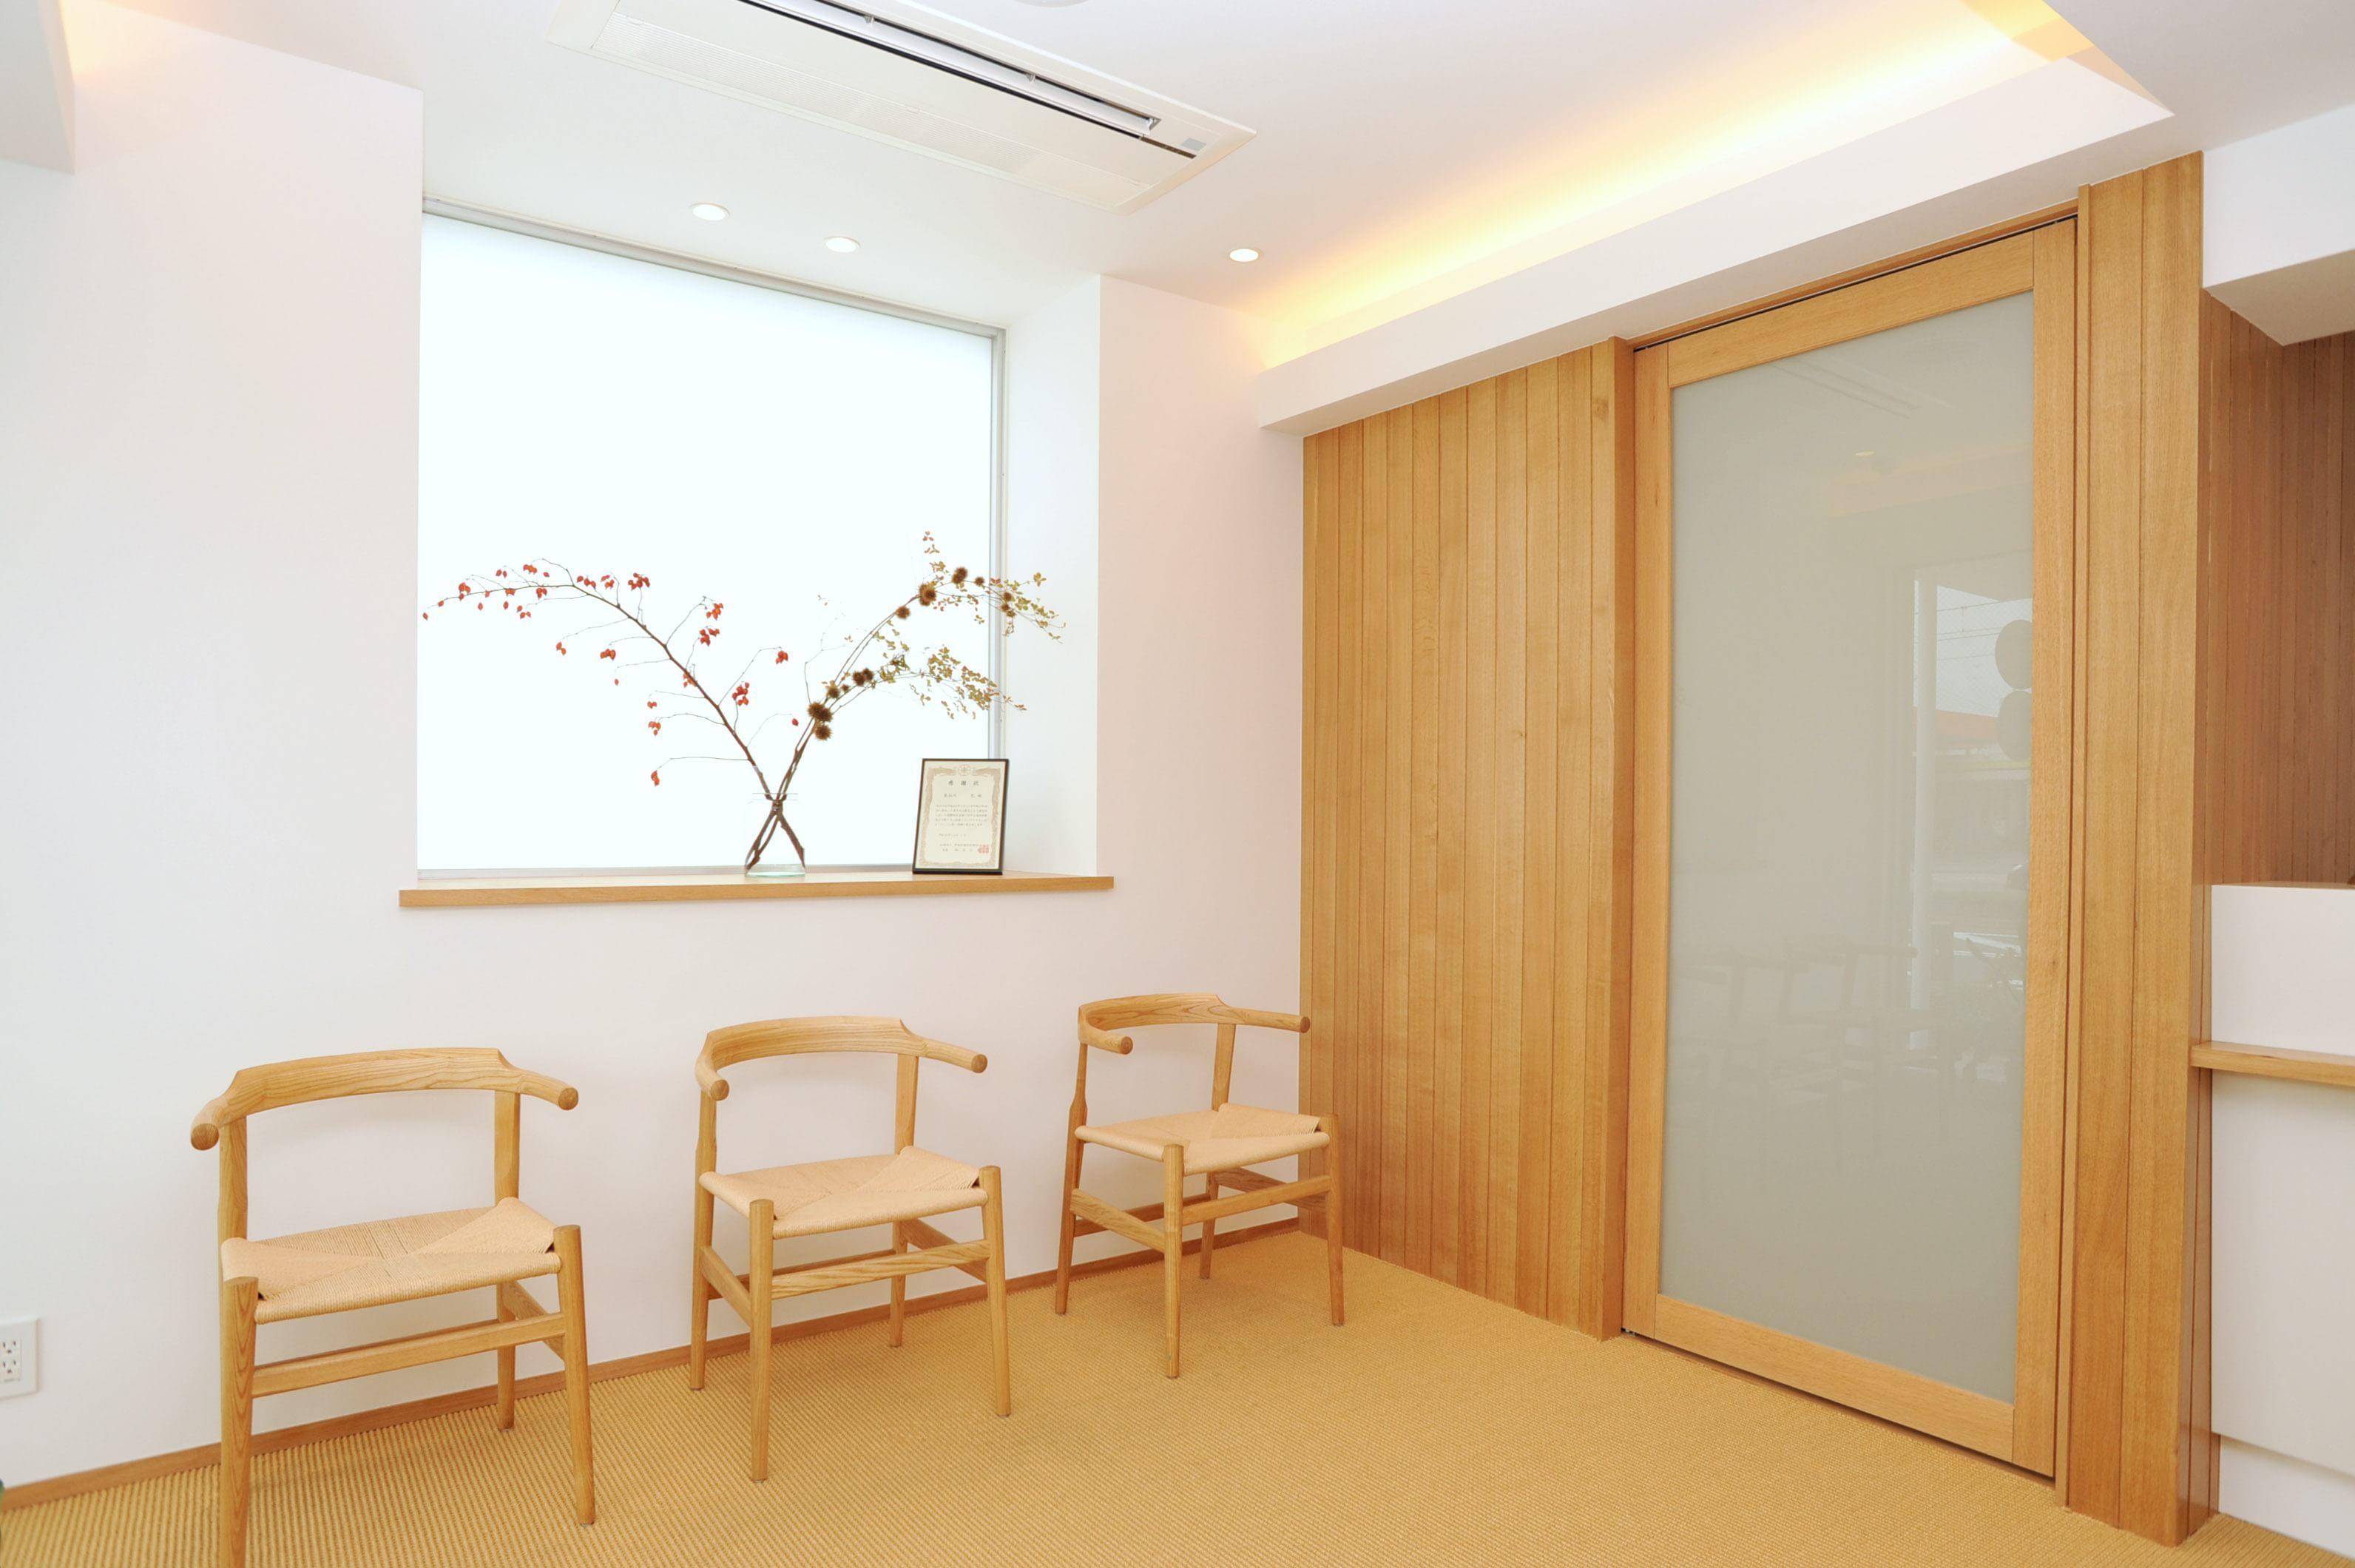 豊橋駅 徒歩15分 長谷川歯科医院の院内写真2